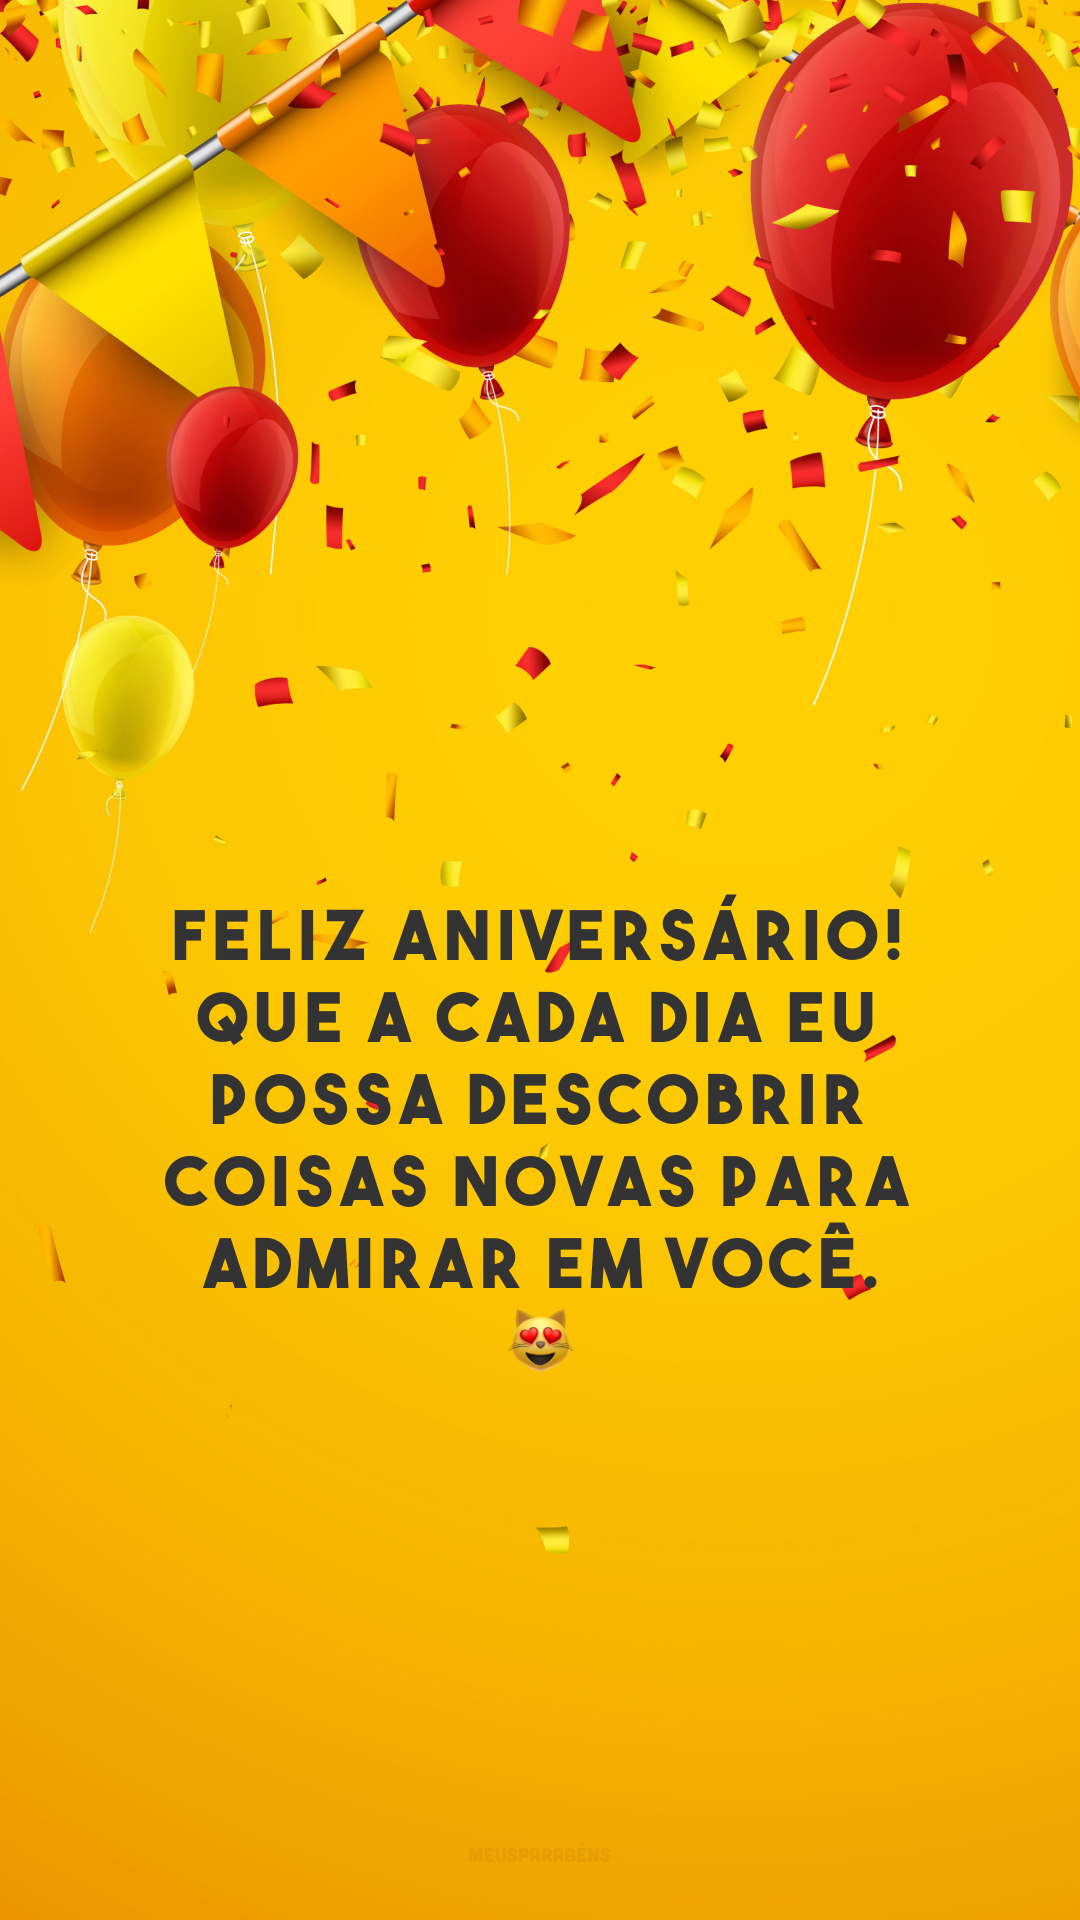 Feliz aniversário! Que a cada dia eu possa descobrir coisas novas para admirar em você. 😻